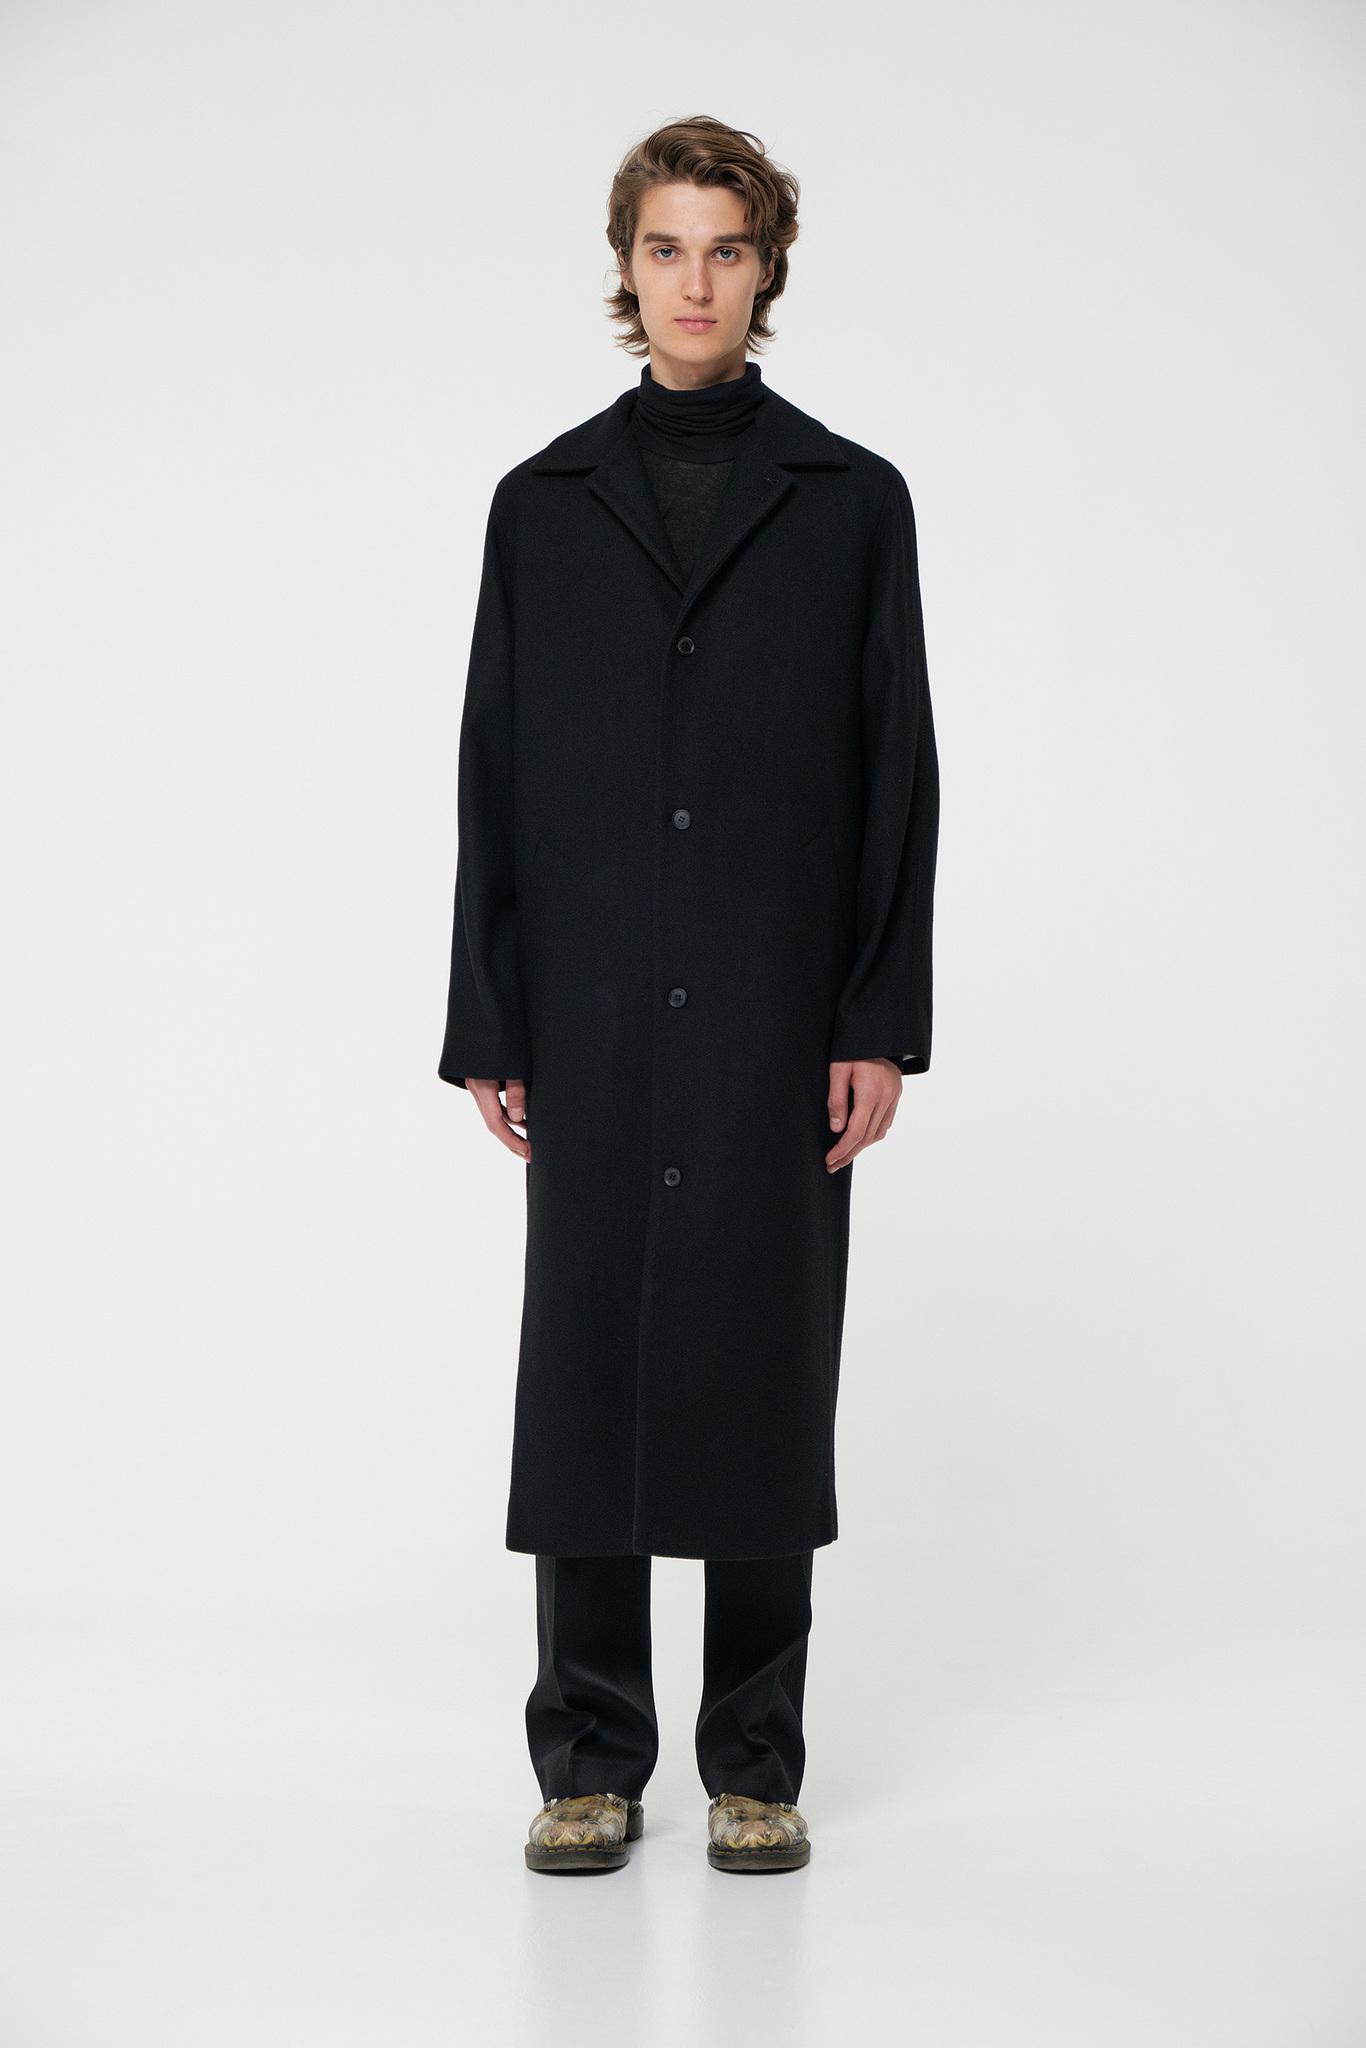 Пальто комбинированной конструкции длинное